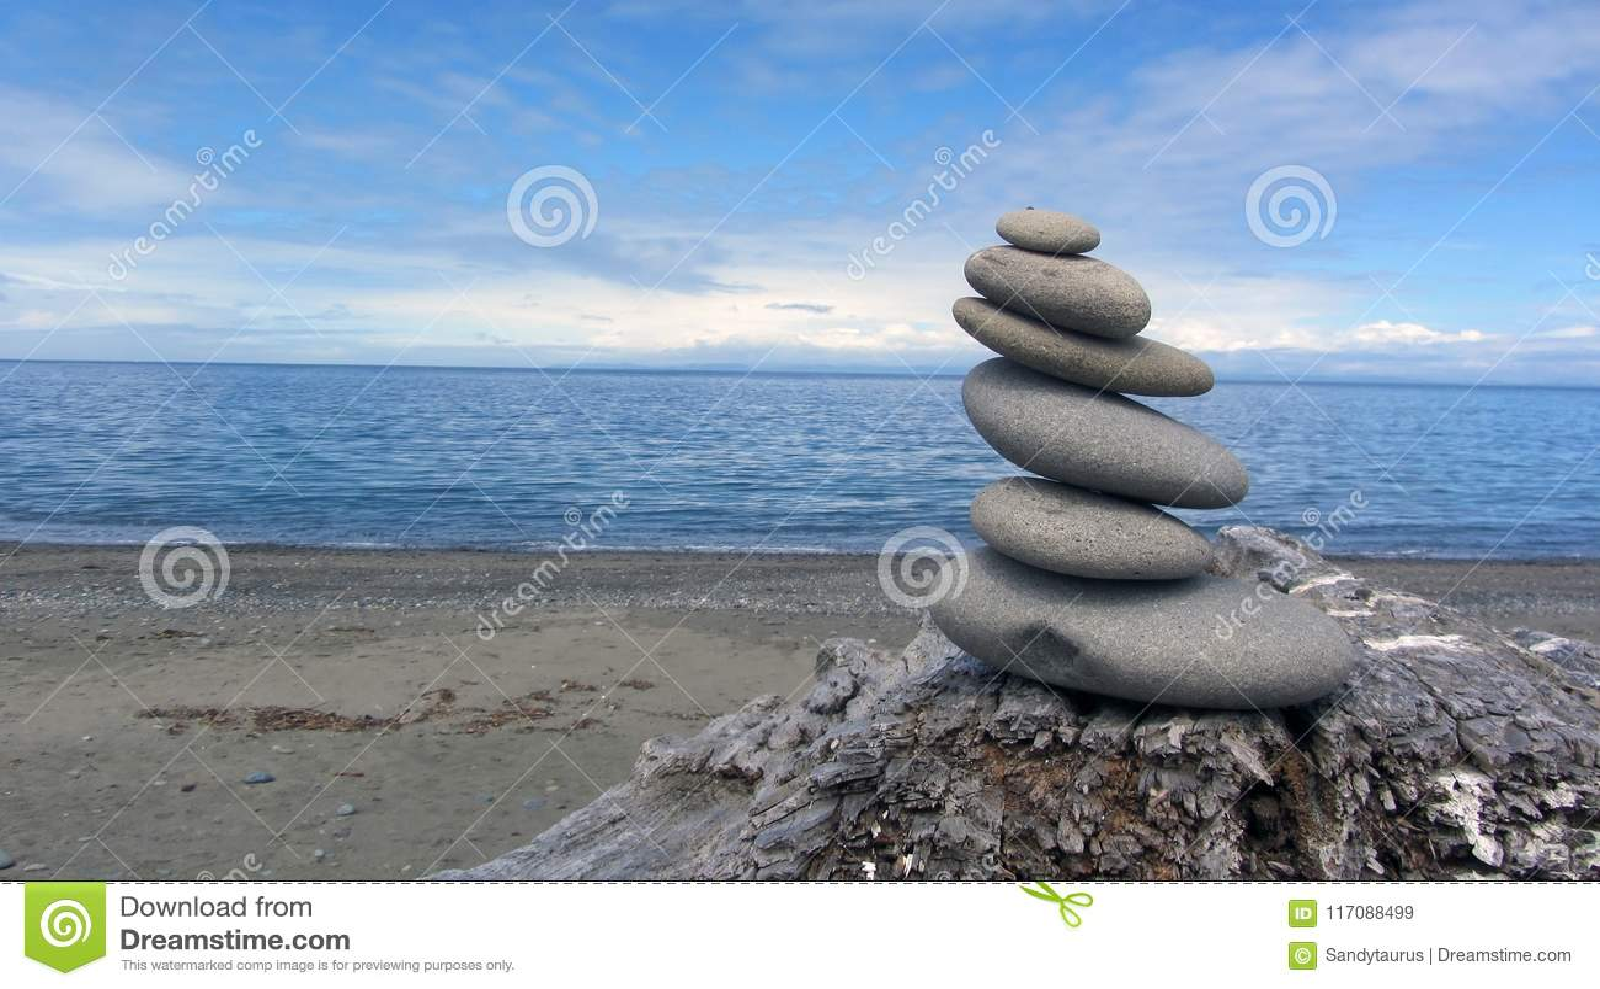 Zen Rocks op het strand in Washington State bij het Dungeness-Spit